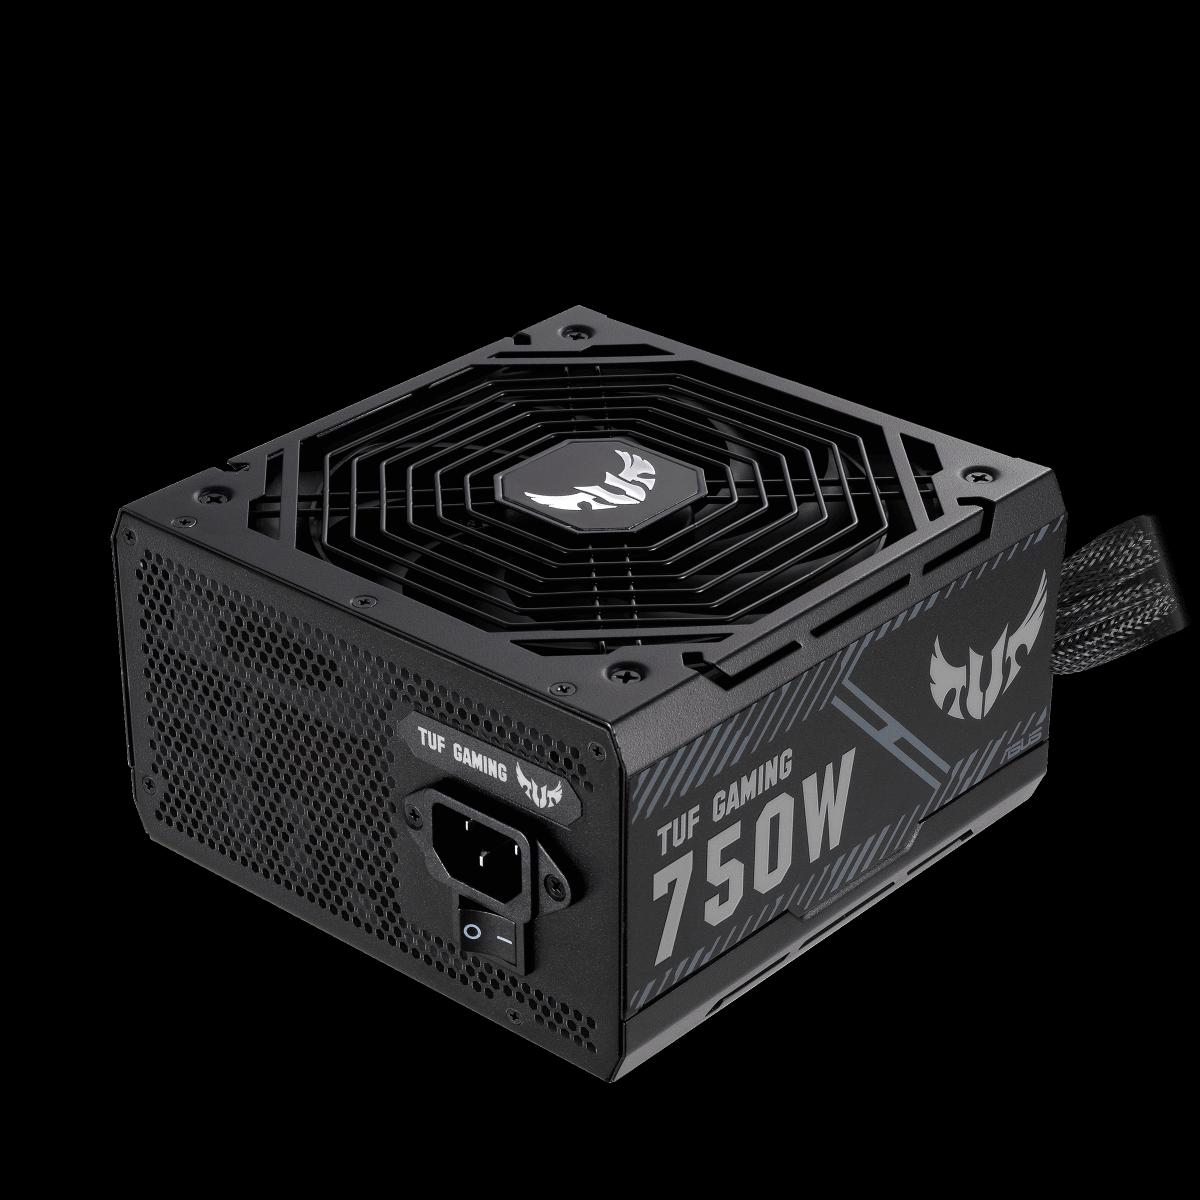 Fonte Asus TUF Gaming 750W, 80 Plus Bronze, TUF-GAMING-750B, 90YE00D0-B0NA00